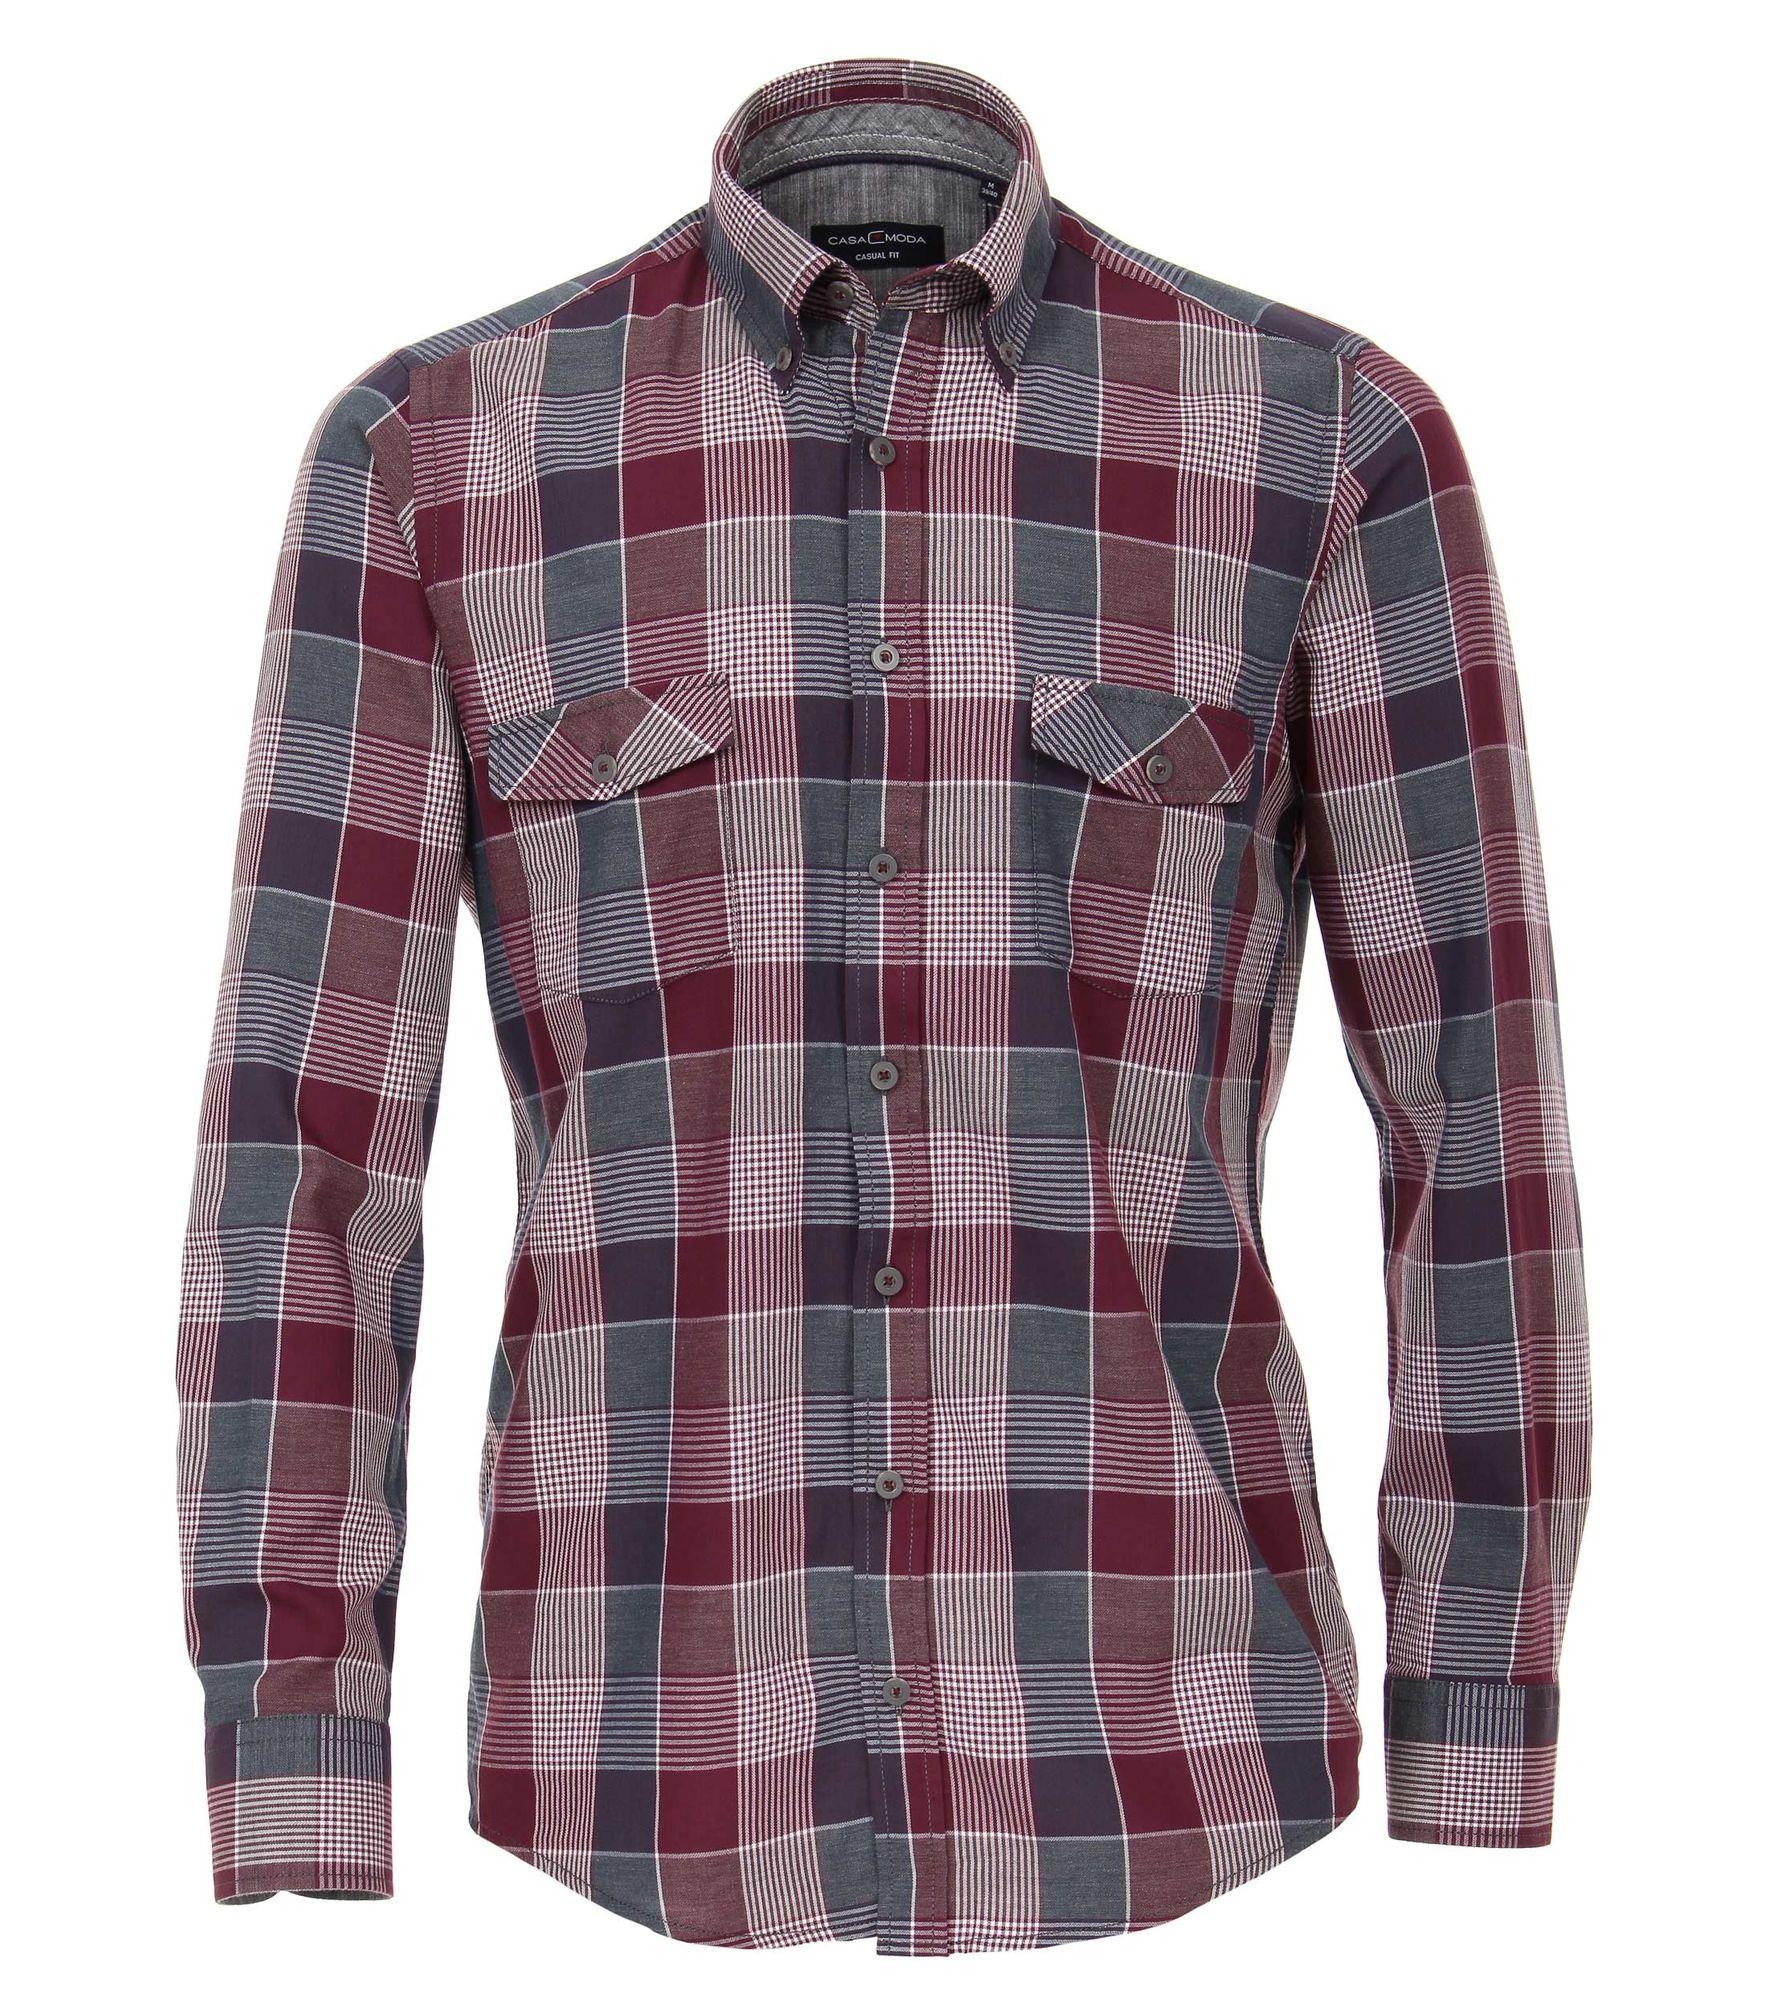 Casa Moda - Comfort Fit - Twill Herren Hemd kariert mit Button Down-Kragen  in rot (483022300) c3dea93b03